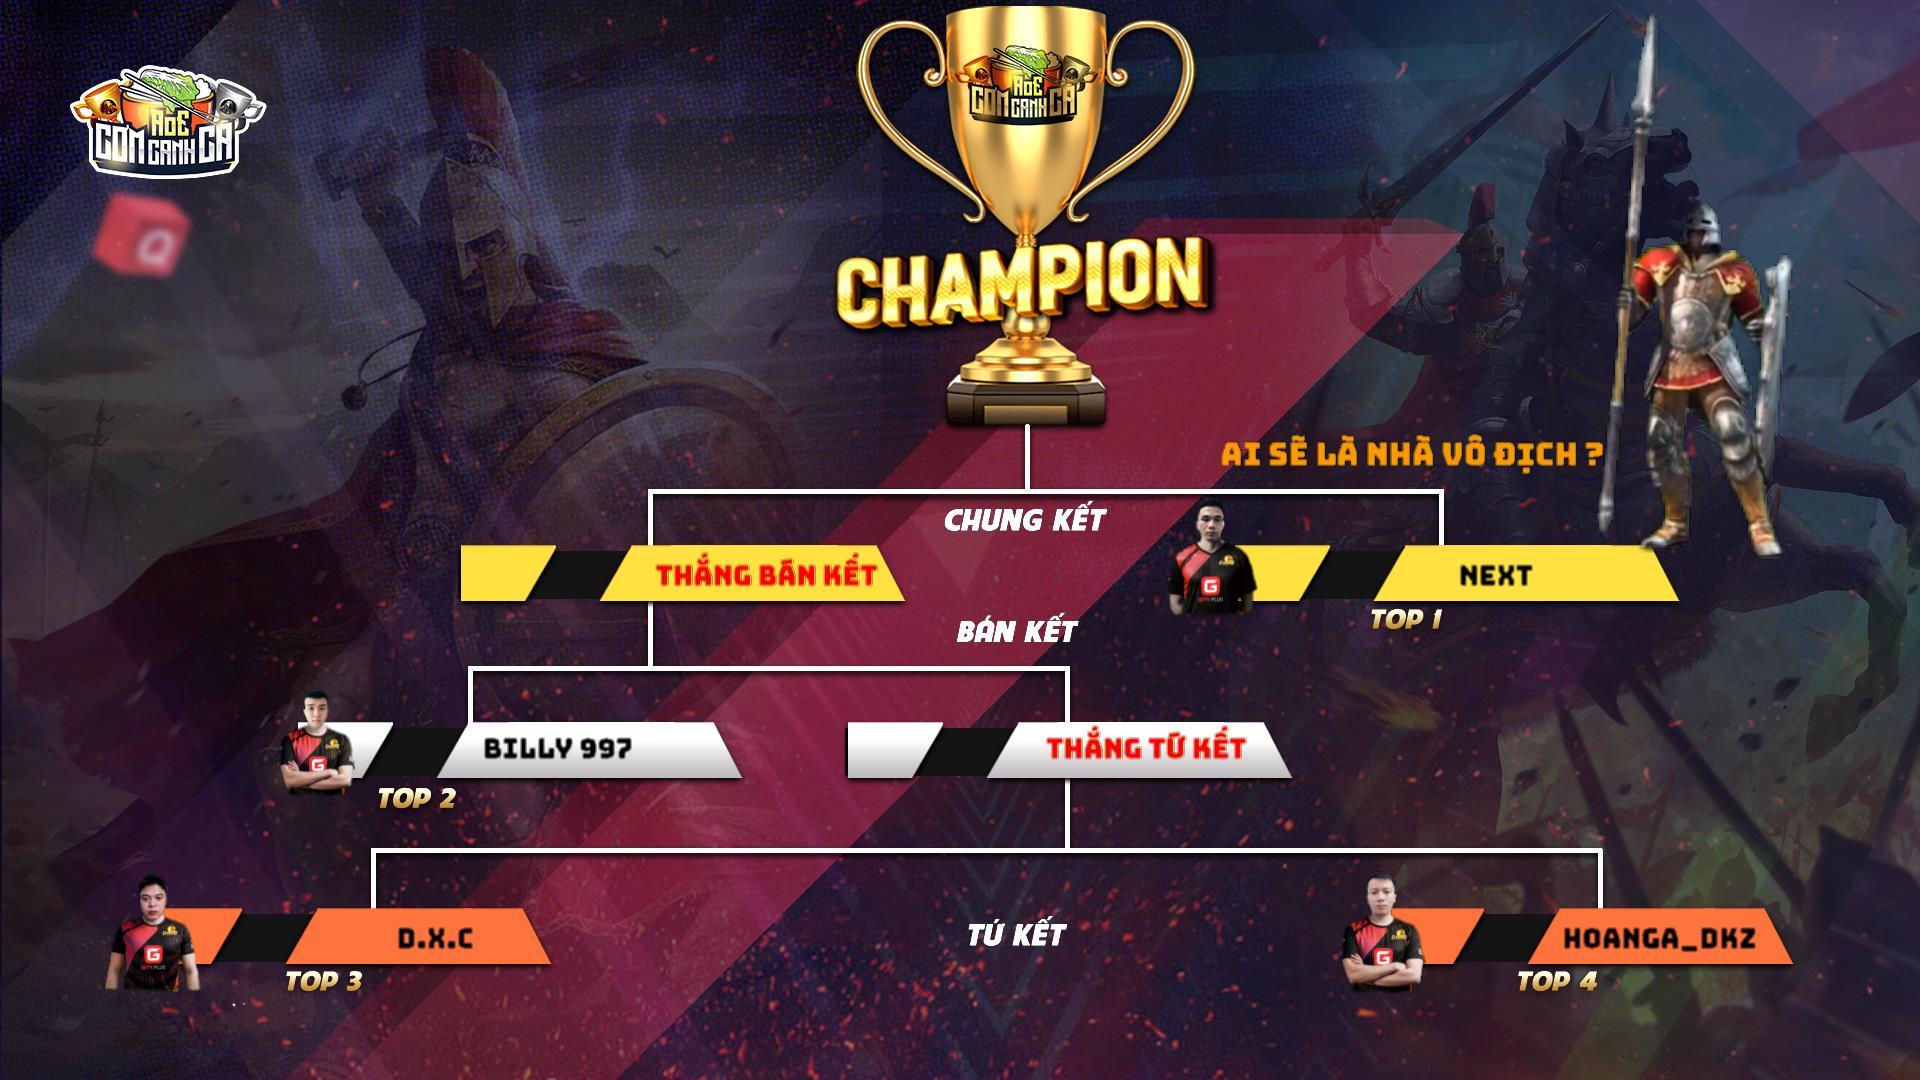 Chốt sổ vòng bảng giải đấu AoE Cơm Canh Cà lần thứ nhất cúp Choáng